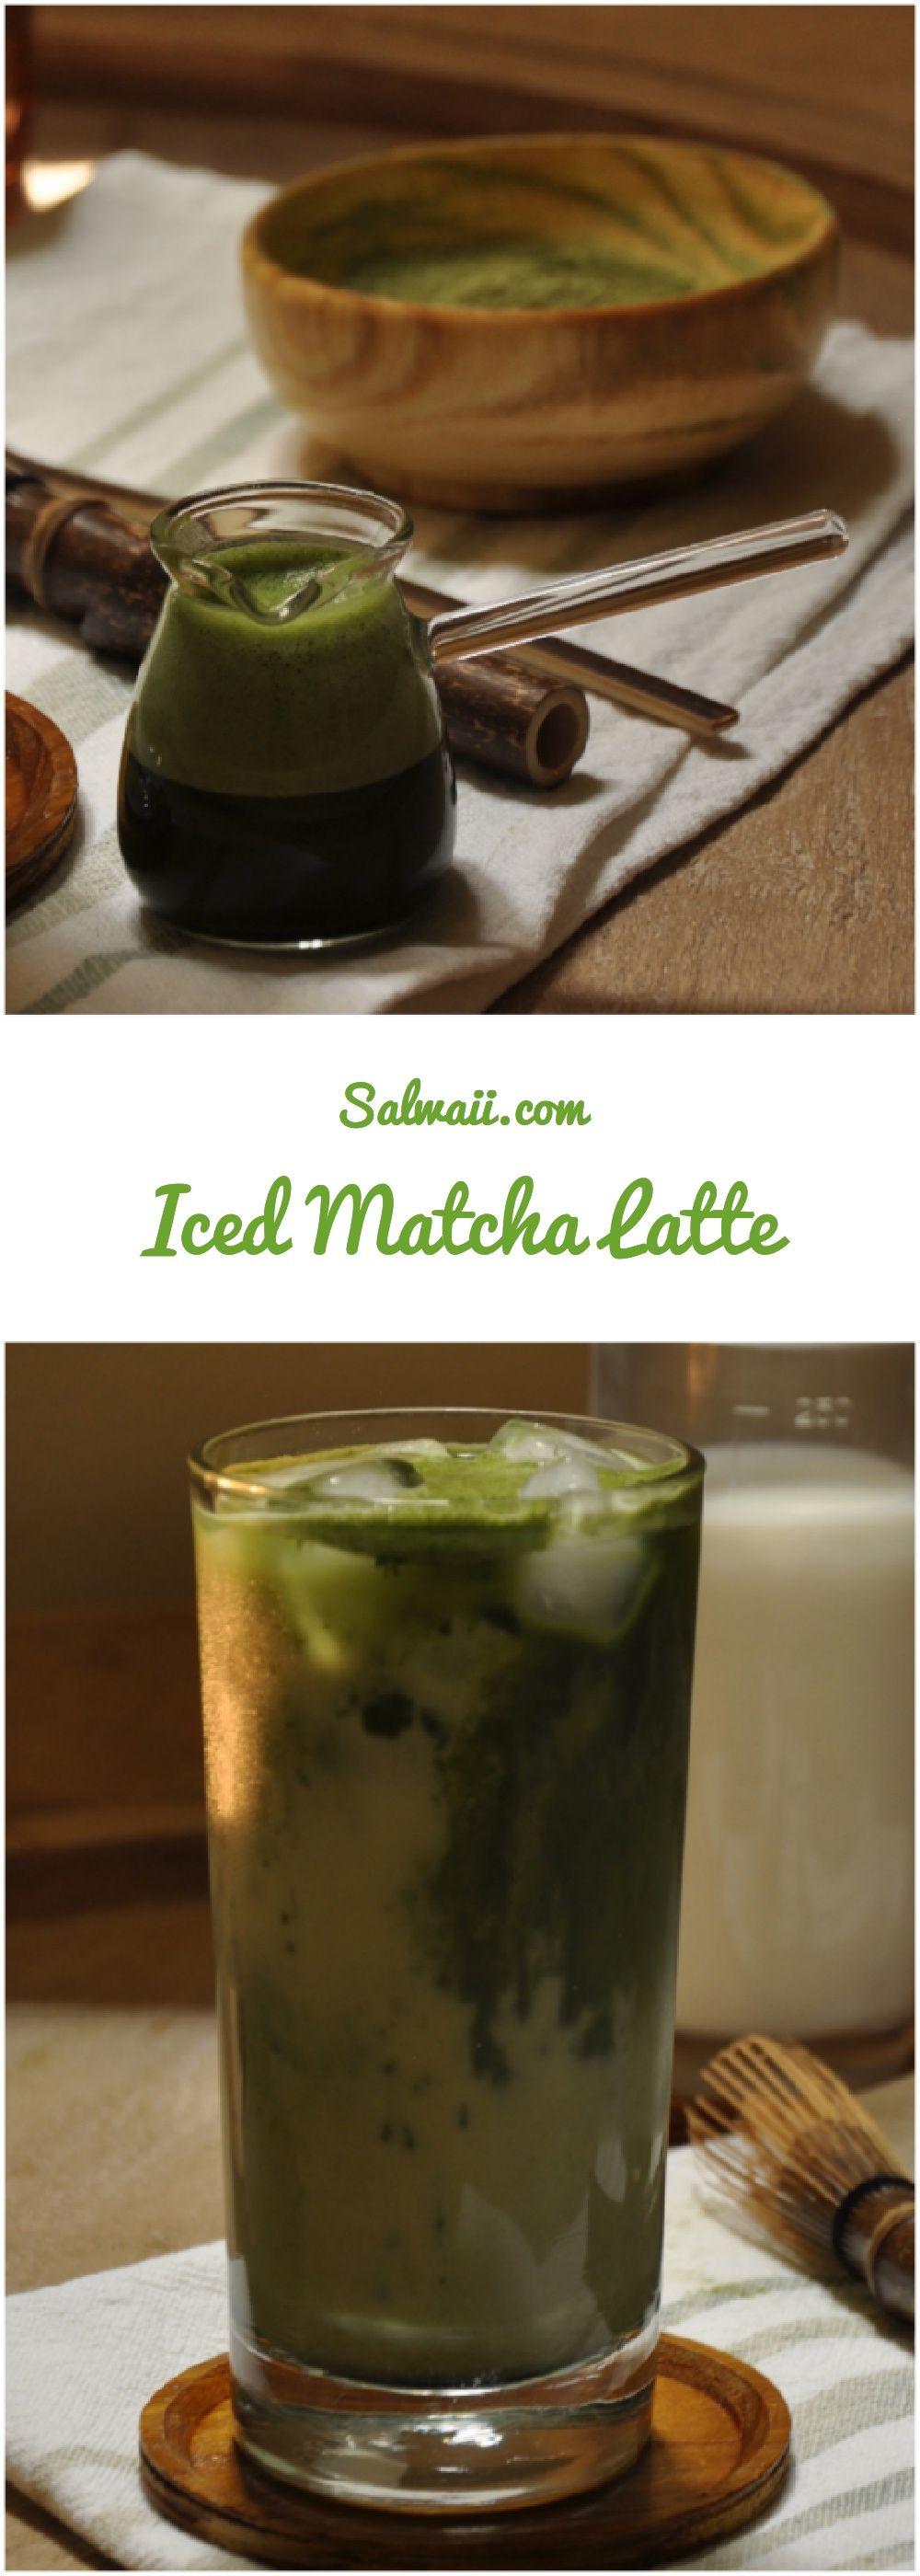 لاتيه الماتشا البارد Iced Matcha Latte Iced Matcha Iced Matcha Latte Matcha Latte